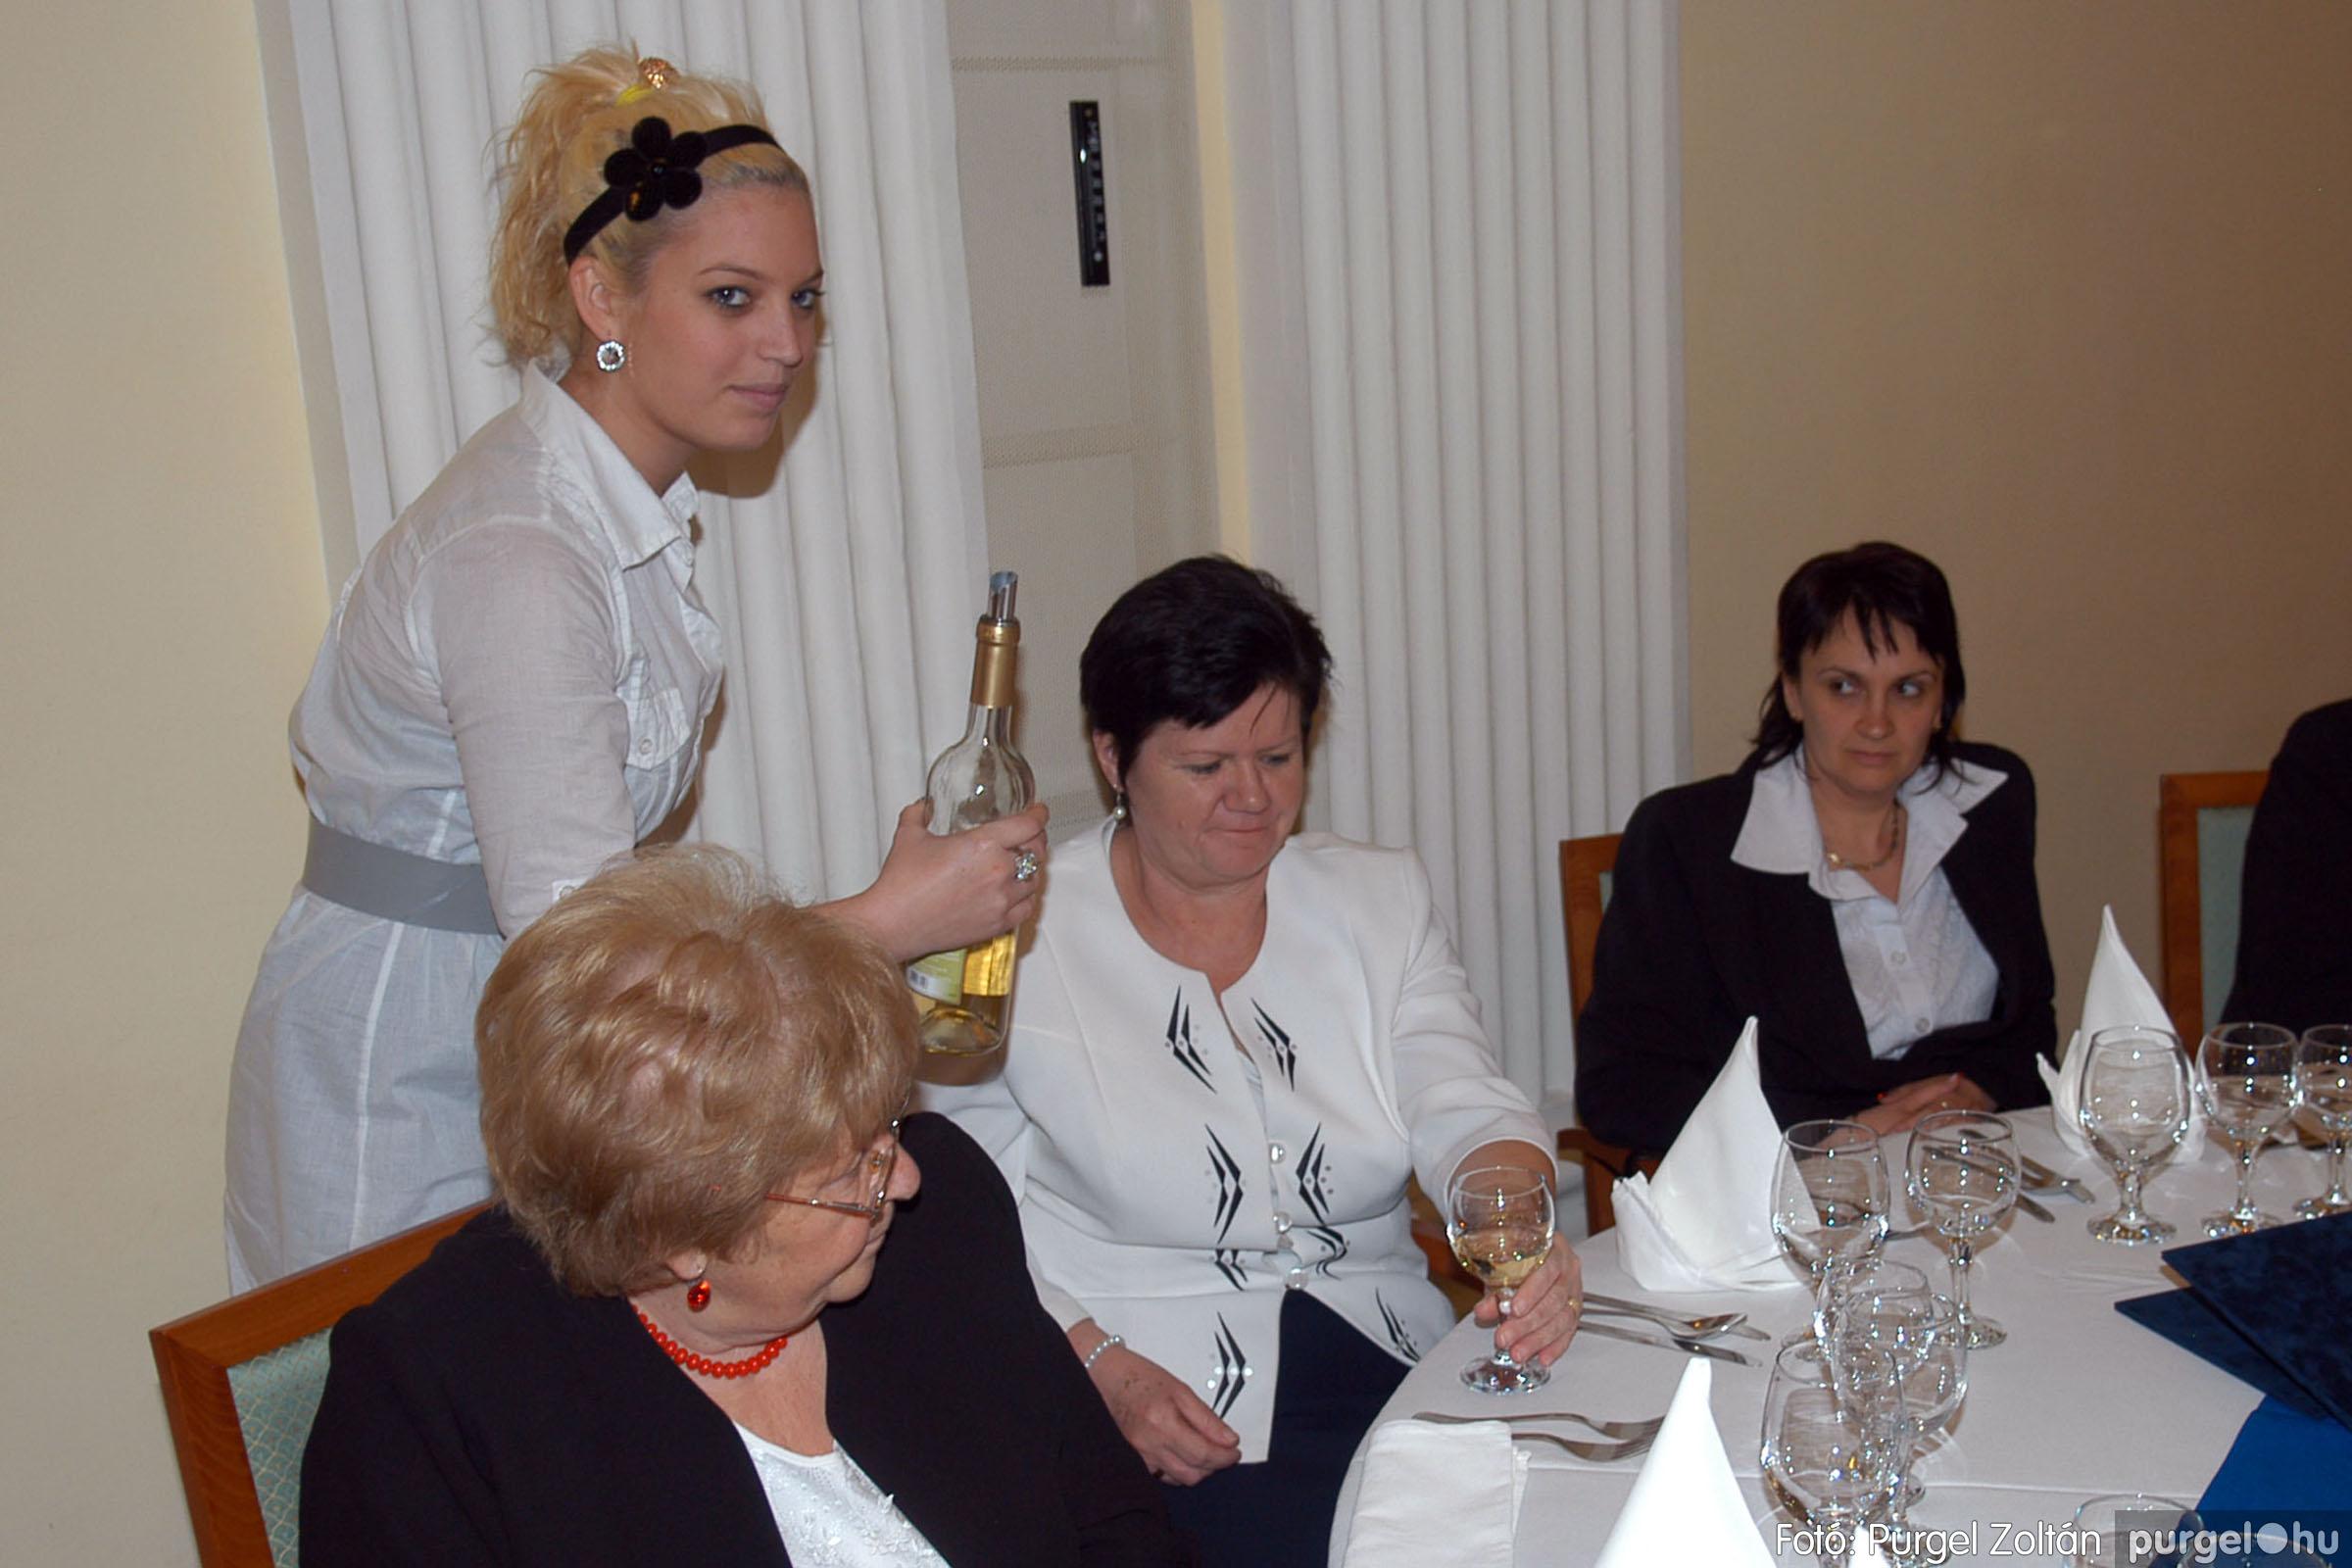 2010.10.28. 174 Szegvár és Vidéke Takarékszövetkezet takarékossági világnap rendezvény - Fotó:P. Z..jpg